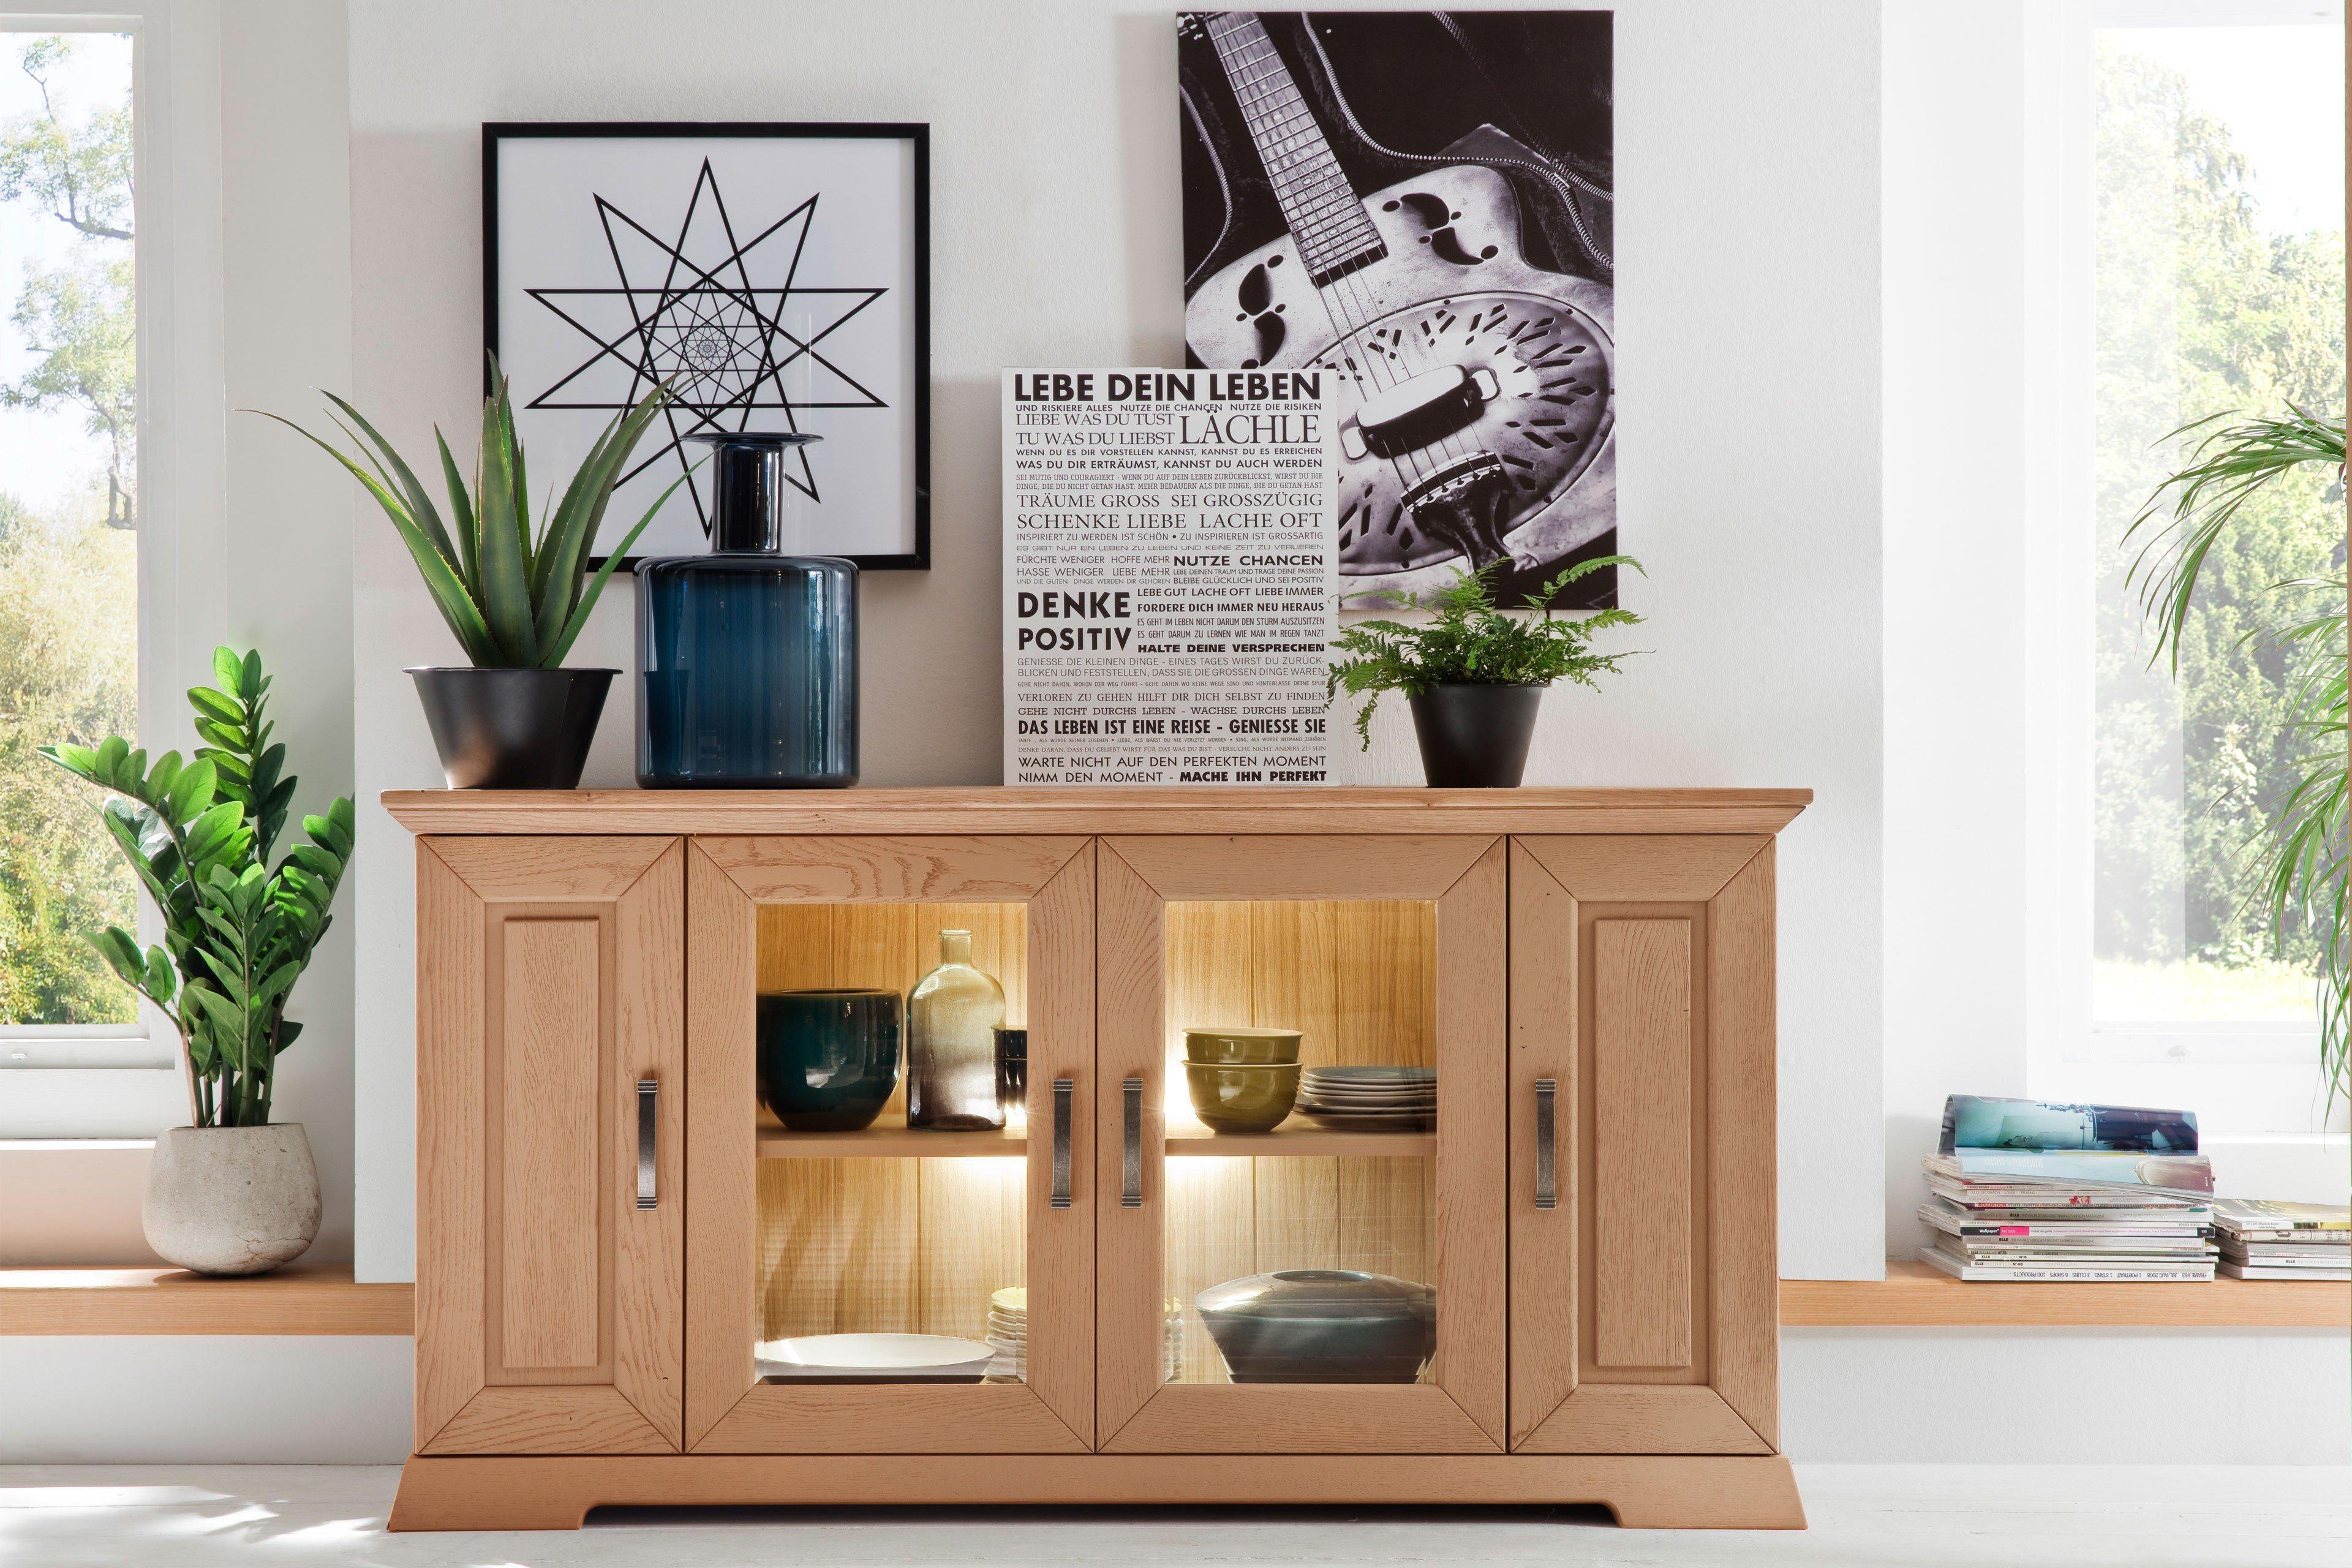 Beautiful Einfache Dekoration Und Mobel Die Heimbibliothek Mit Dem Gewissen Extra #6: Aida Von Quadrato - Bibliothek Wildeiche